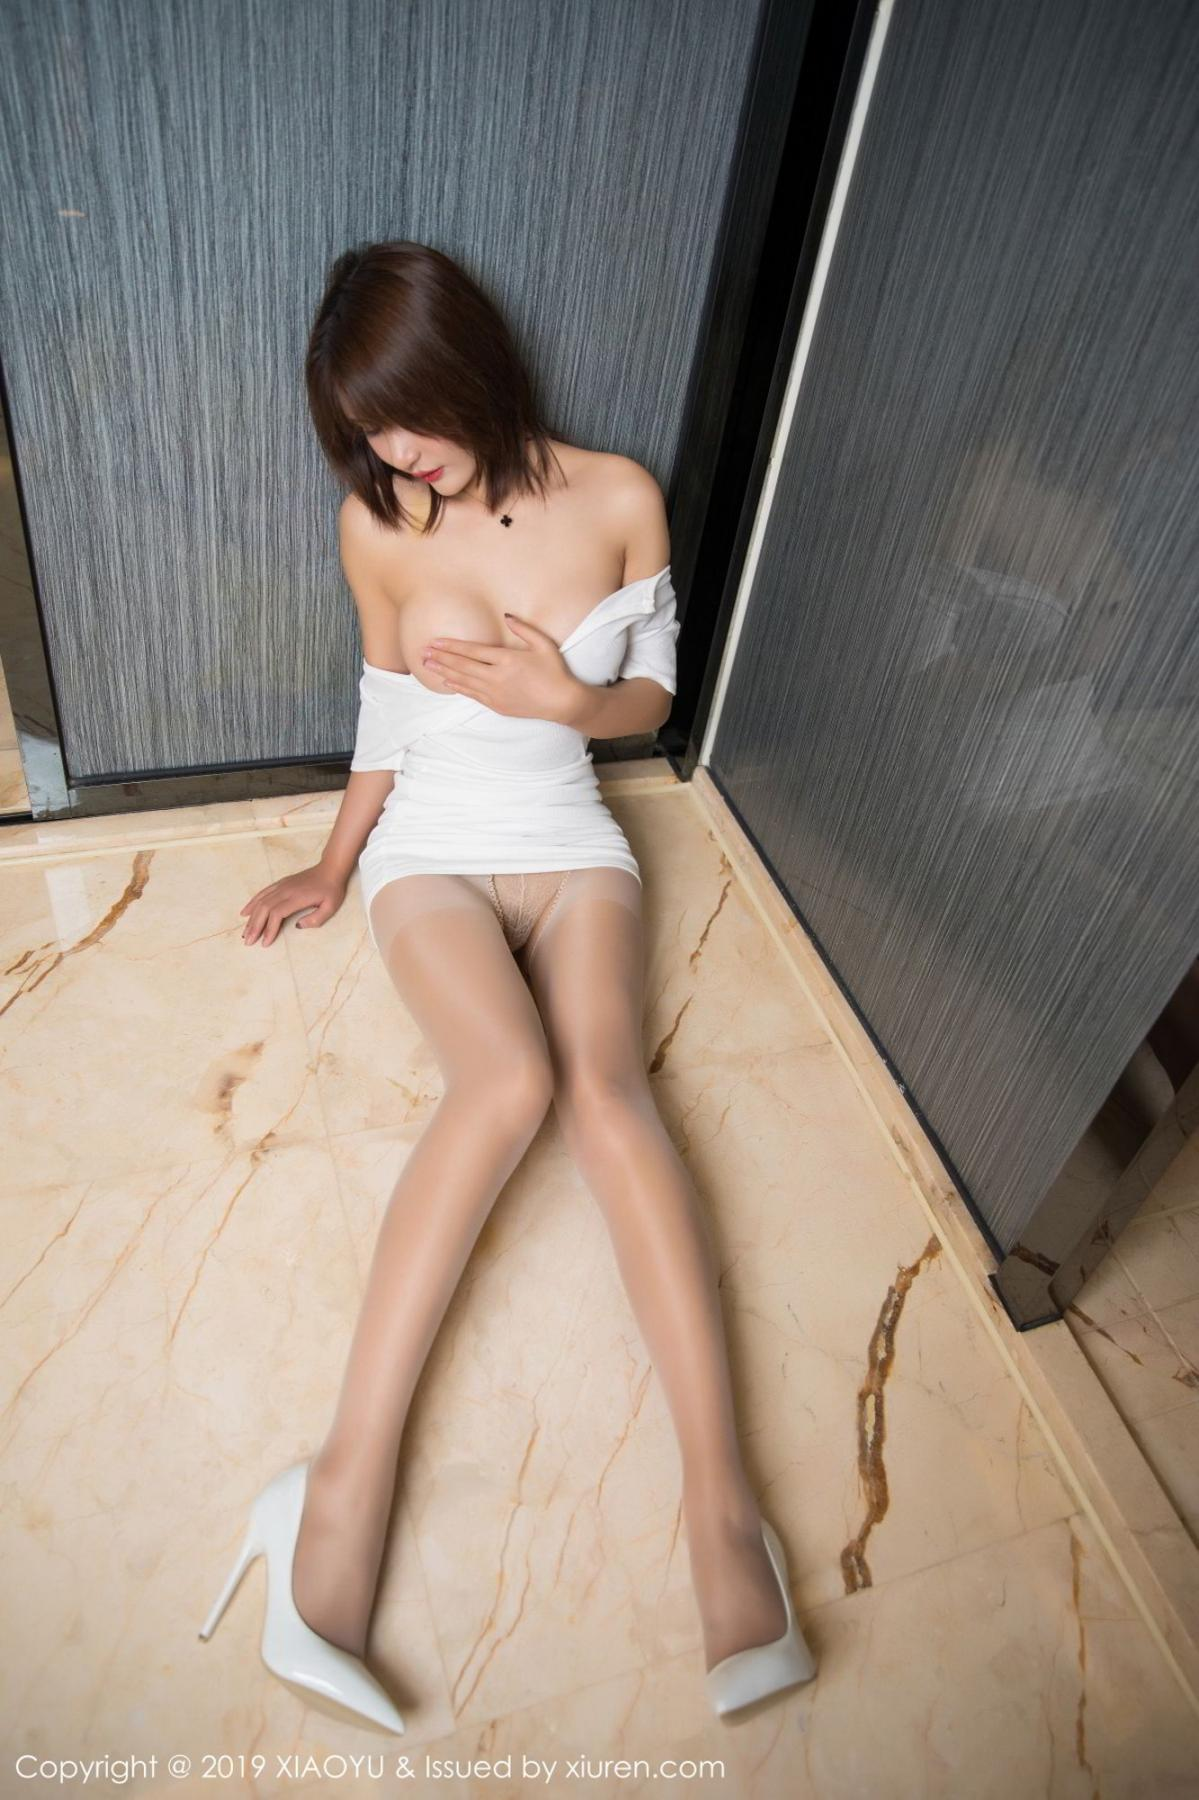 [XiaoYu] Vol.112 Solo Yi Fei 32P, Solo Yi Fei, Underwear, XiaoYu